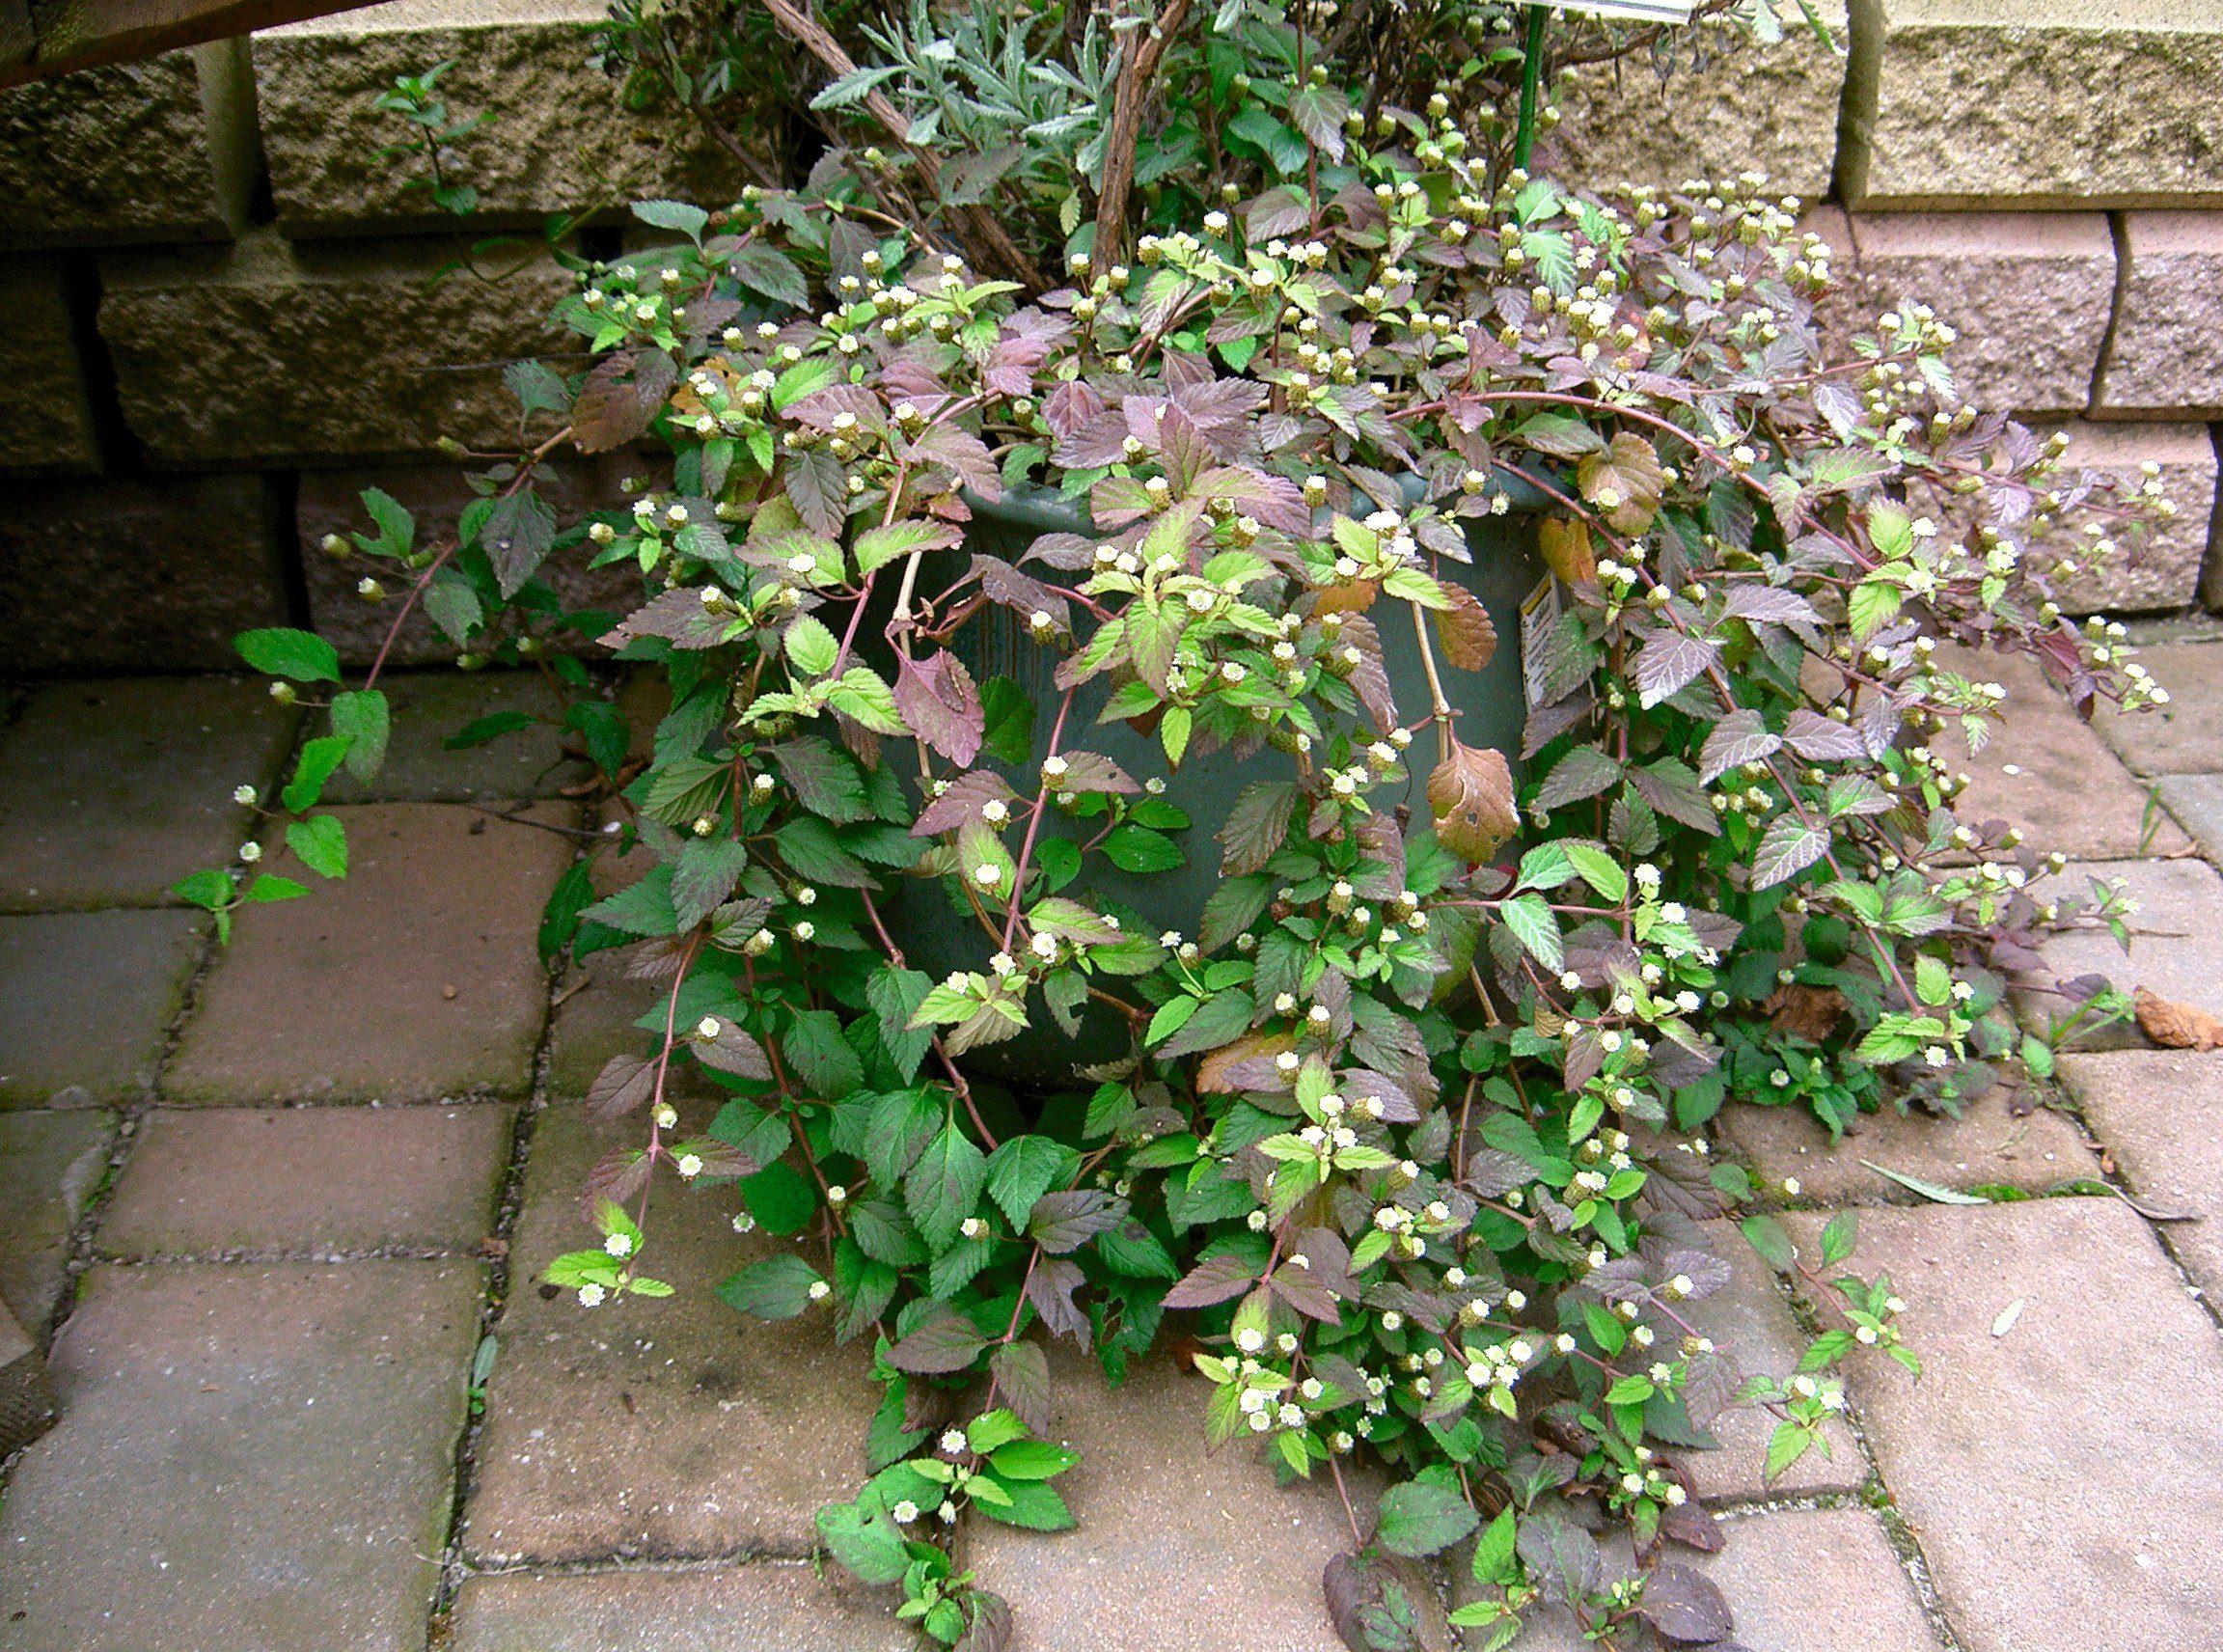 VOLMARY Kräuter »Aztekisches Süßkraut«, Höhe: 25 cm, 3 Pflanzen